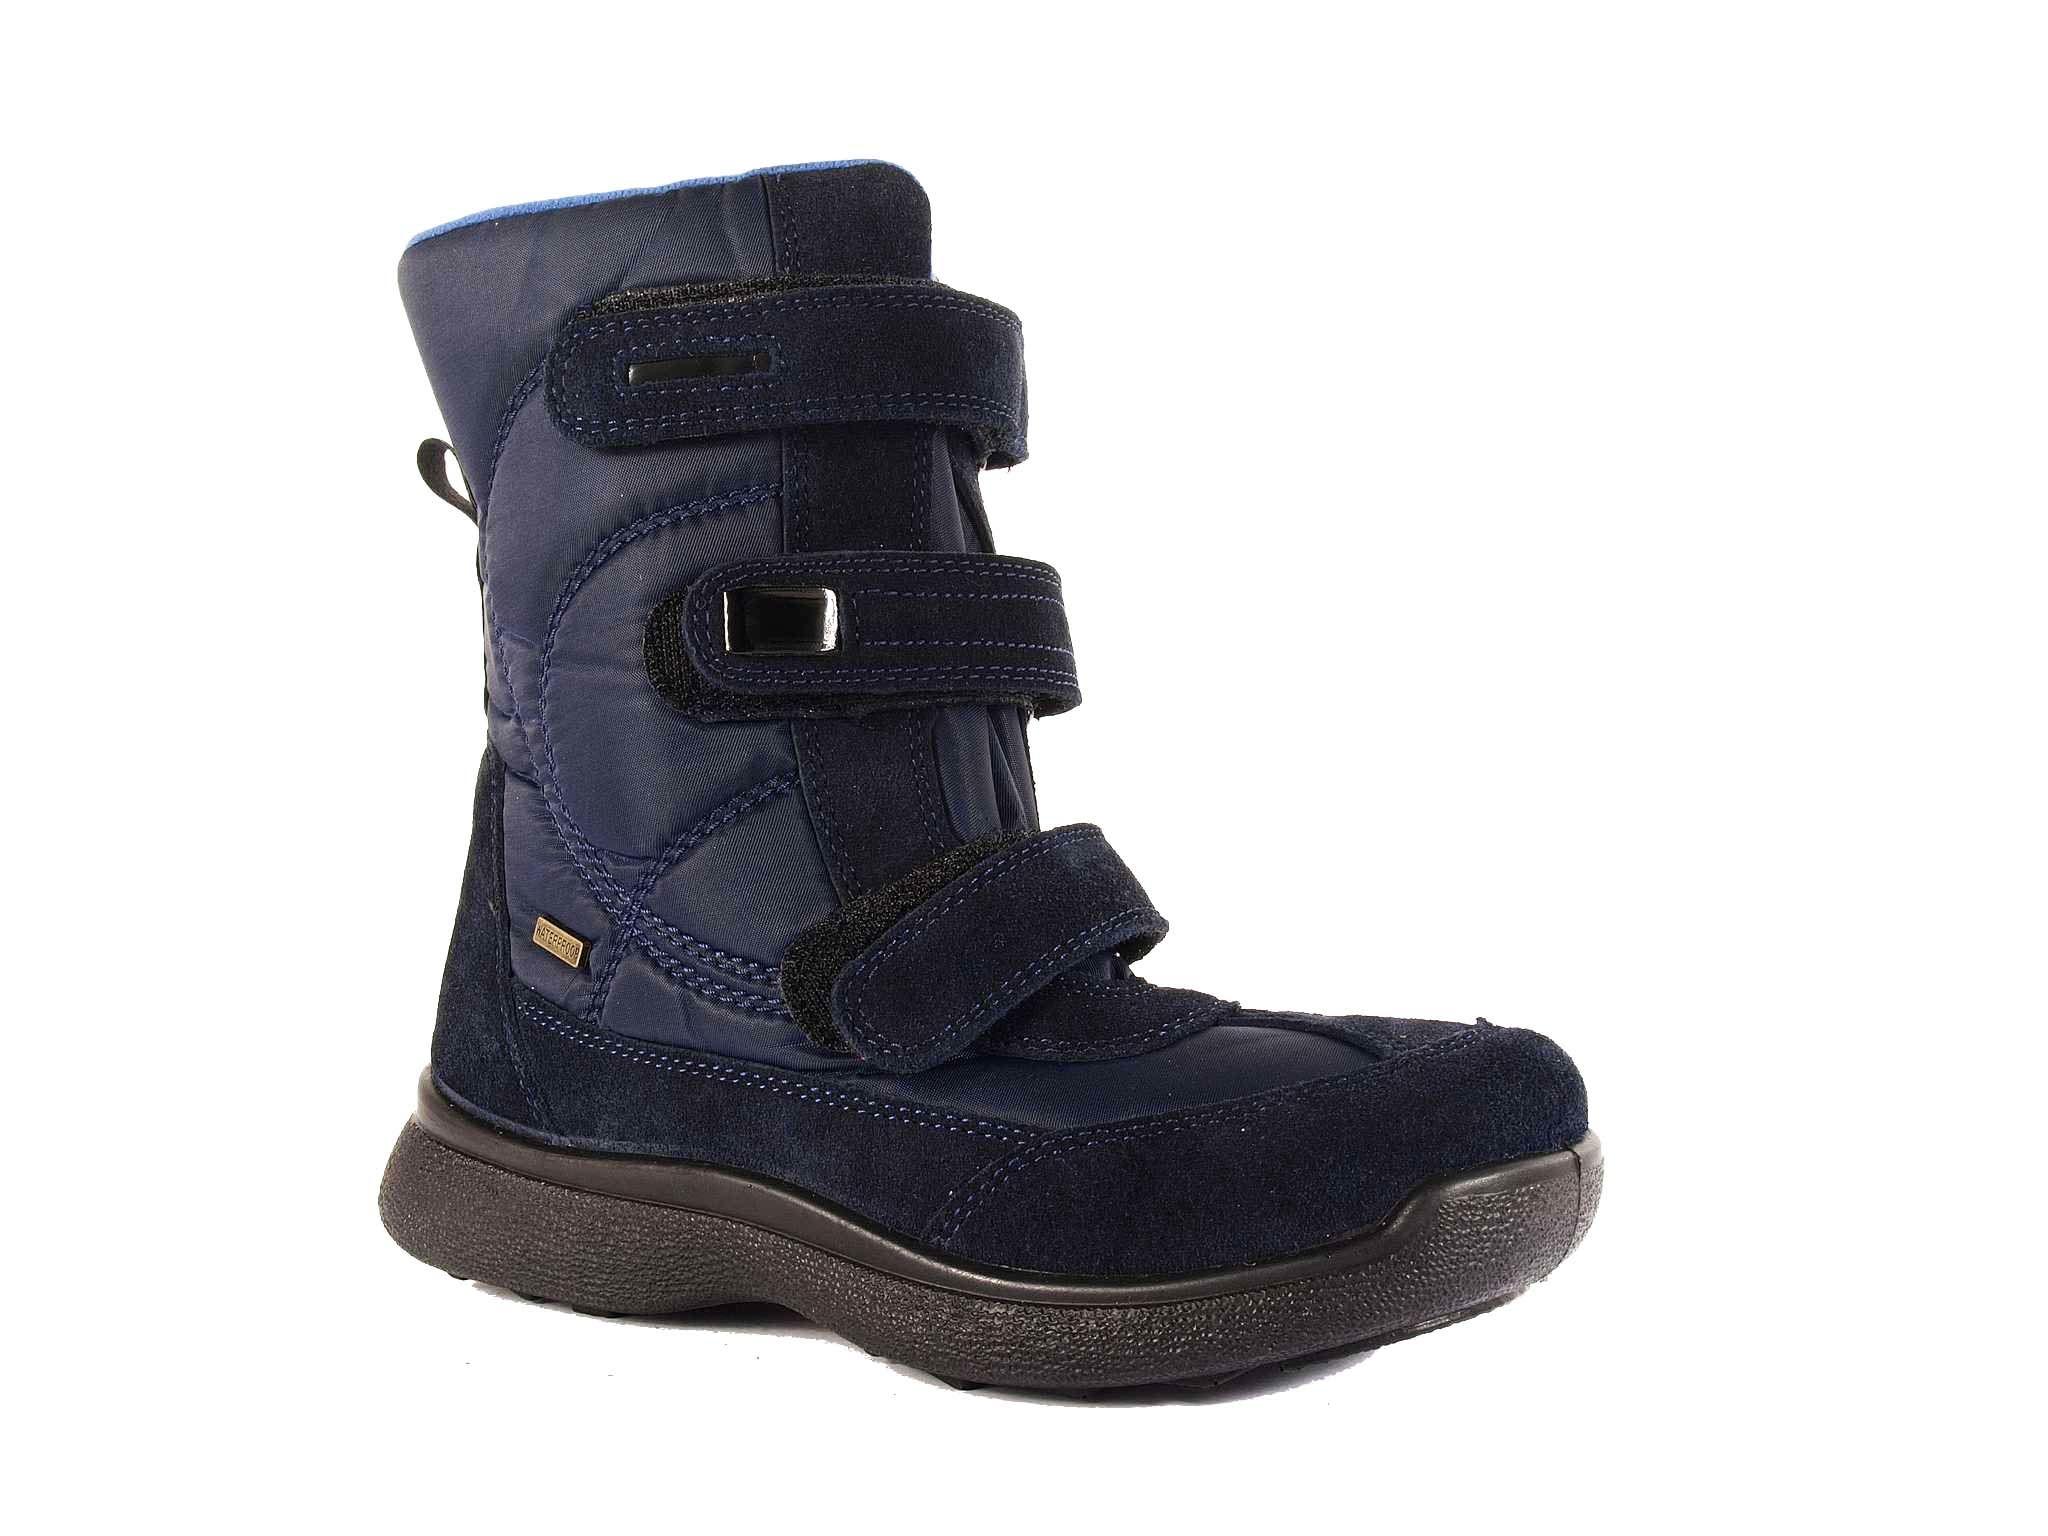 Детская обувь. Сапоги детские для девочек 96108080 TIGINA купить 2c008fe5074